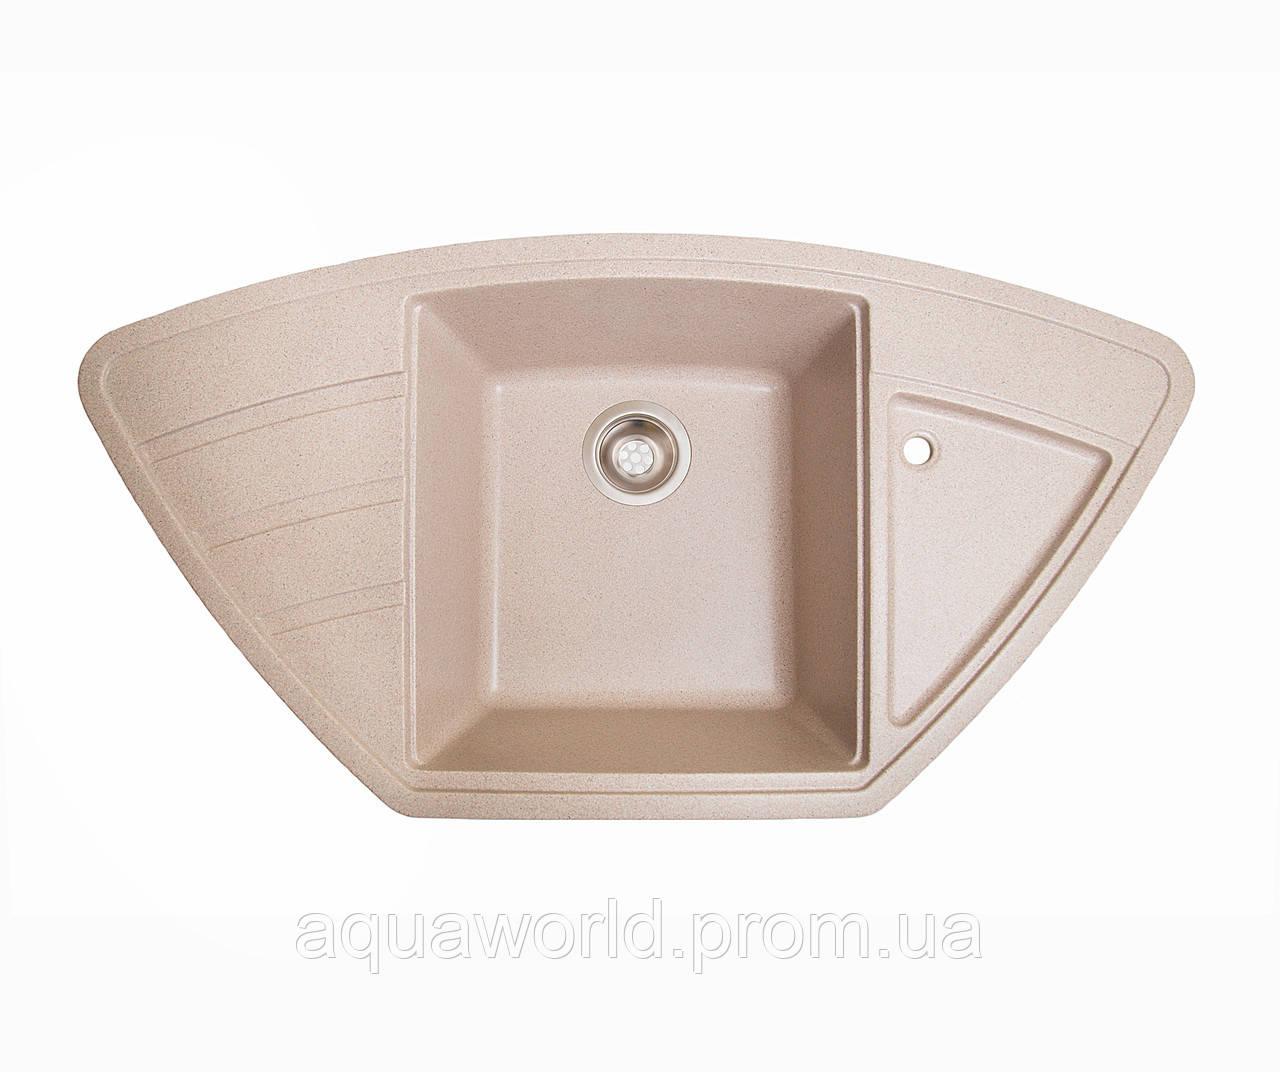 Мойка для кухни из камня Solid Craft Розовый